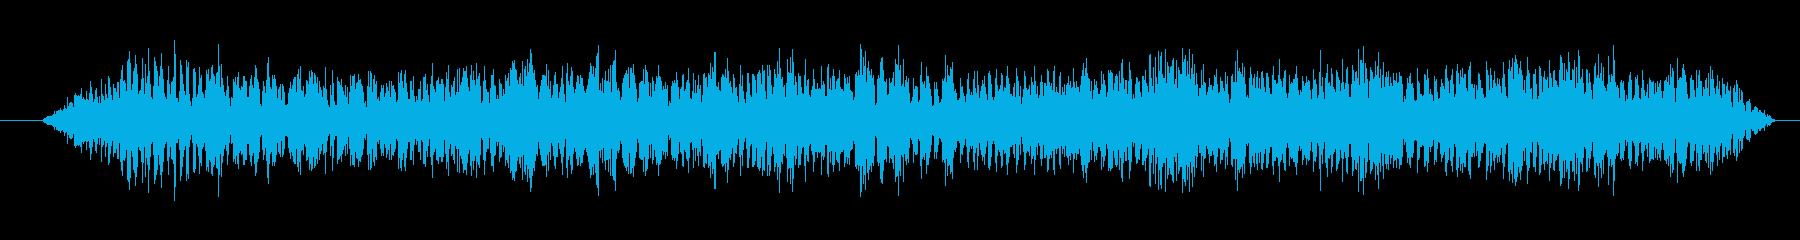 機械 タイルカッター無料02の再生済みの波形